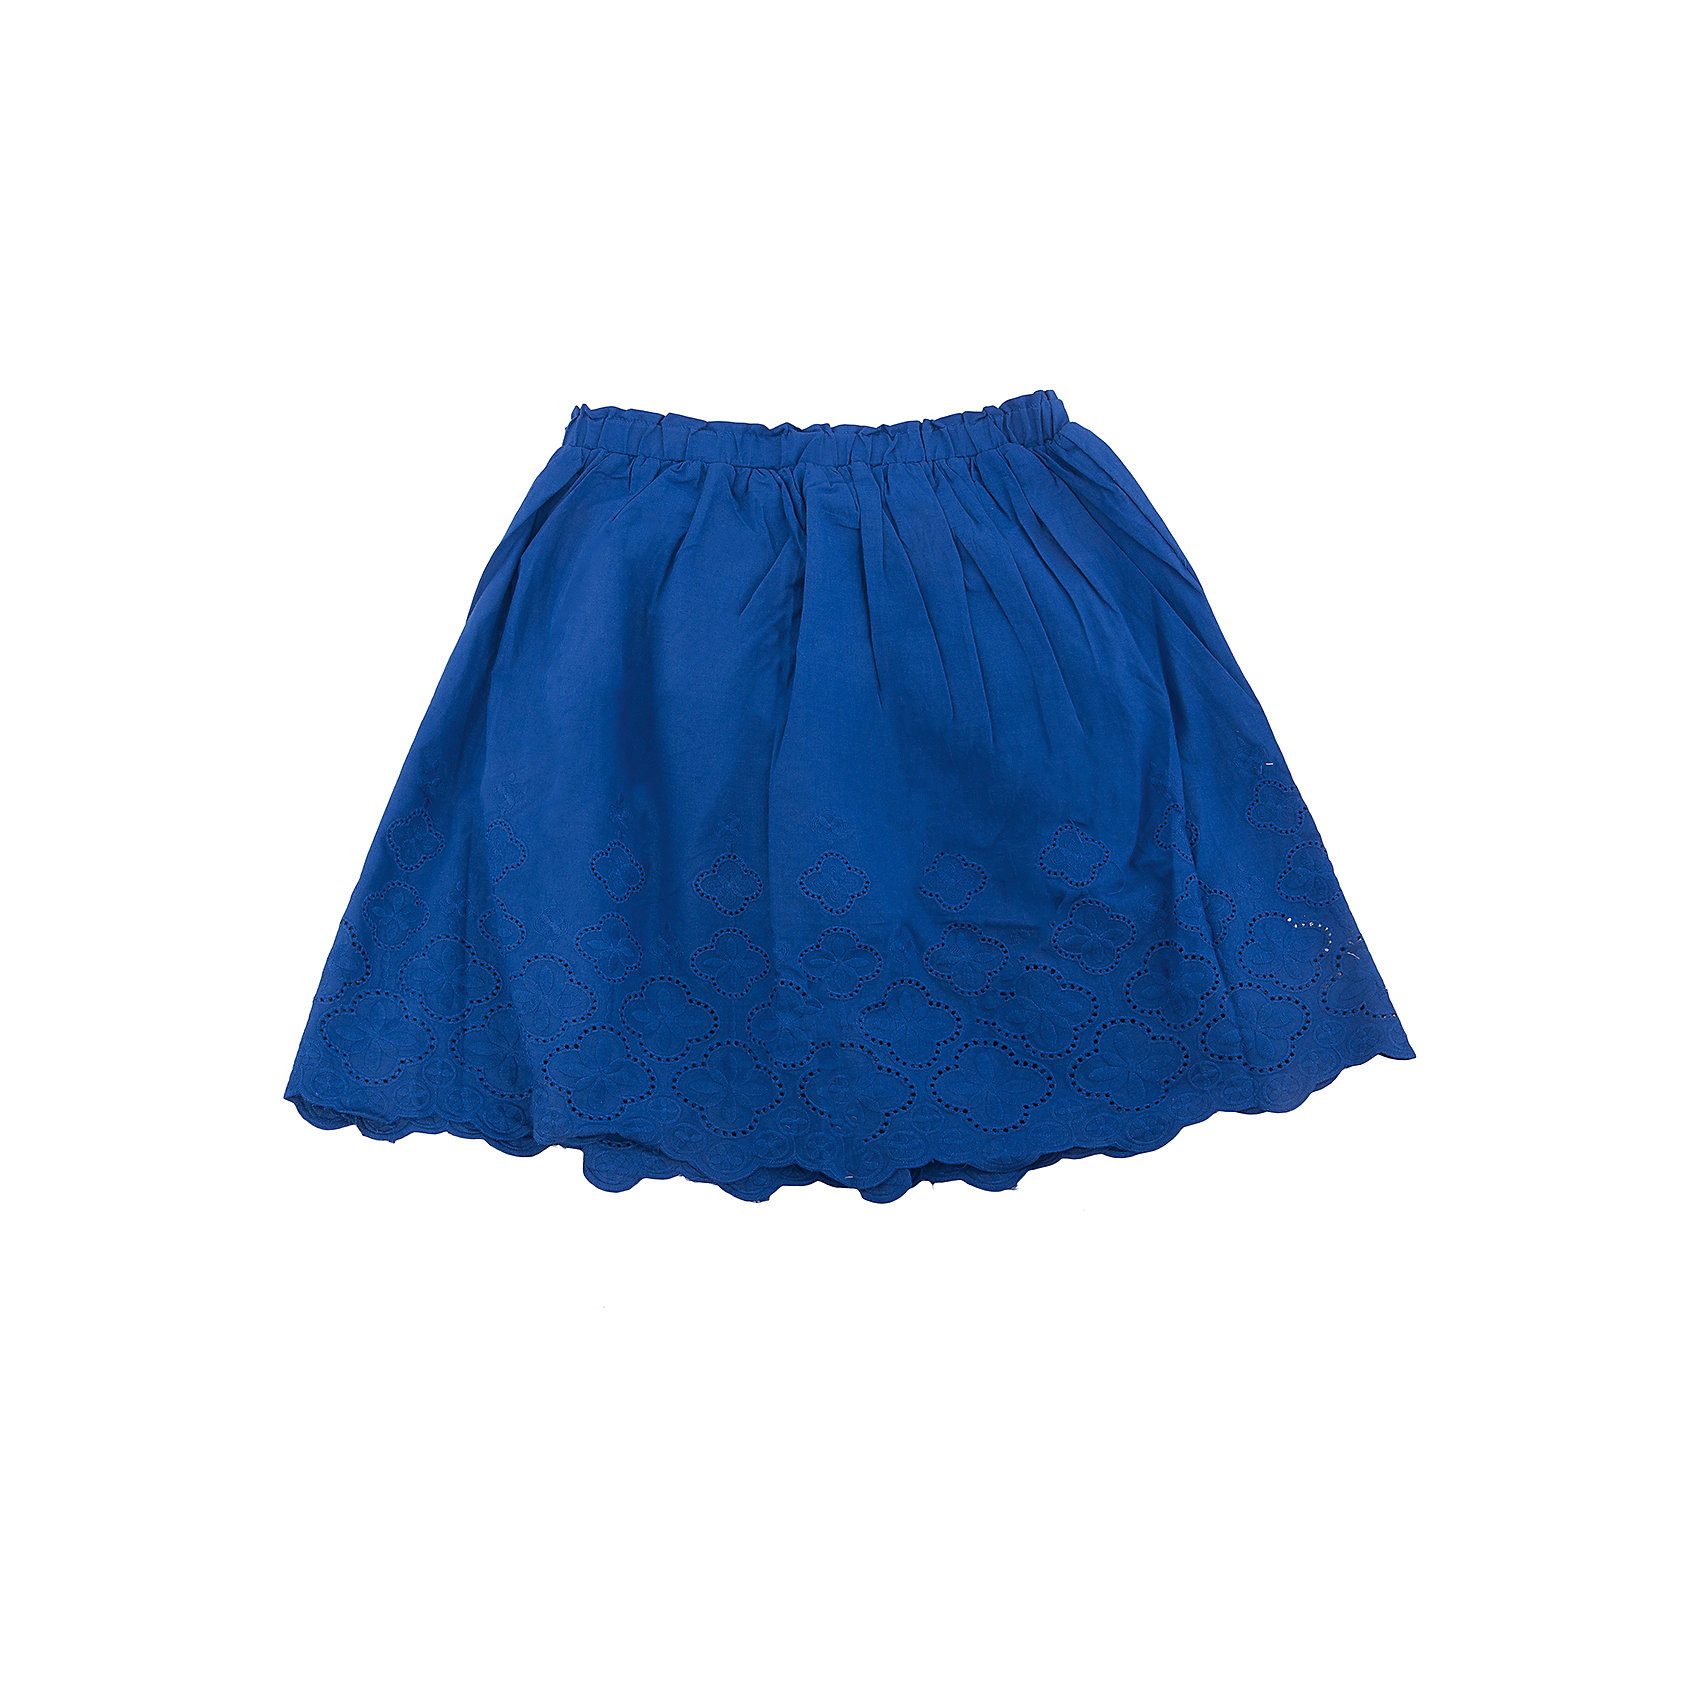 Юбка для девочки LuminosoЮбки<br>Юбка для девочки из натурального хлопка. Пояс на резинке. Верх из оригинального шитья.<br>Состав:<br>100% хлопок<br><br>Ширина мм: 207<br>Глубина мм: 10<br>Высота мм: 189<br>Вес г: 183<br>Цвет: синий<br>Возраст от месяцев: 156<br>Возраст до месяцев: 168<br>Пол: Женский<br>Возраст: Детский<br>Размер: 164,134,158,152,140,146<br>SKU: 4521688